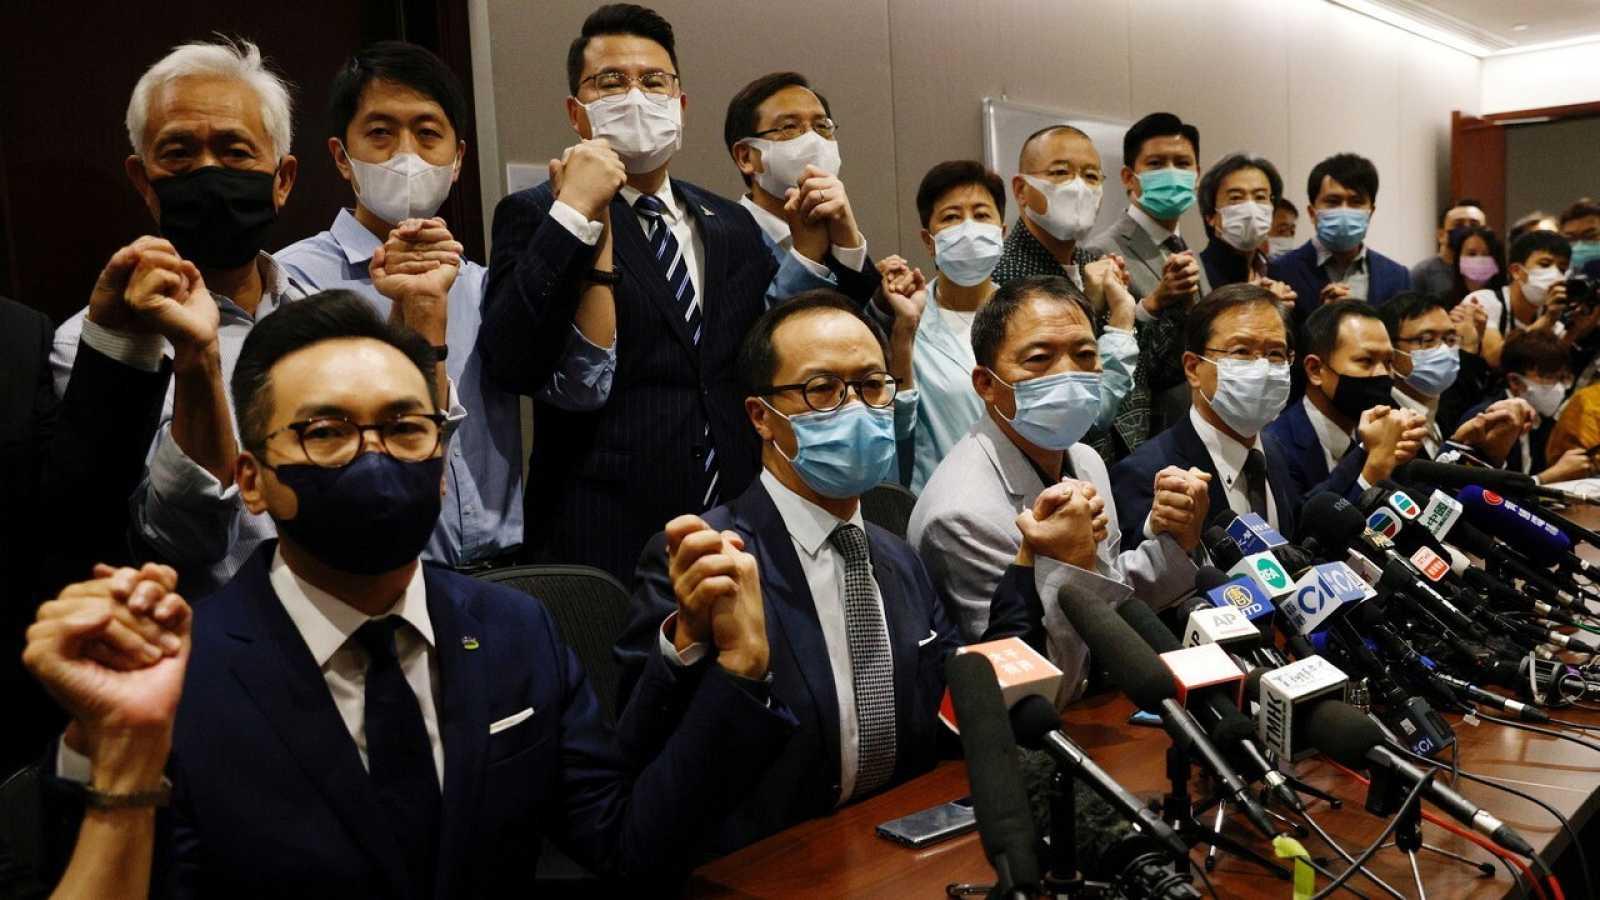 Diputados pro-democracia de Hong Kong anuncian su dimisión como protesta por la expulsión de cuatro electos del Parlamento, el 11 de noviembre. REUTERS/Tyrone Siu